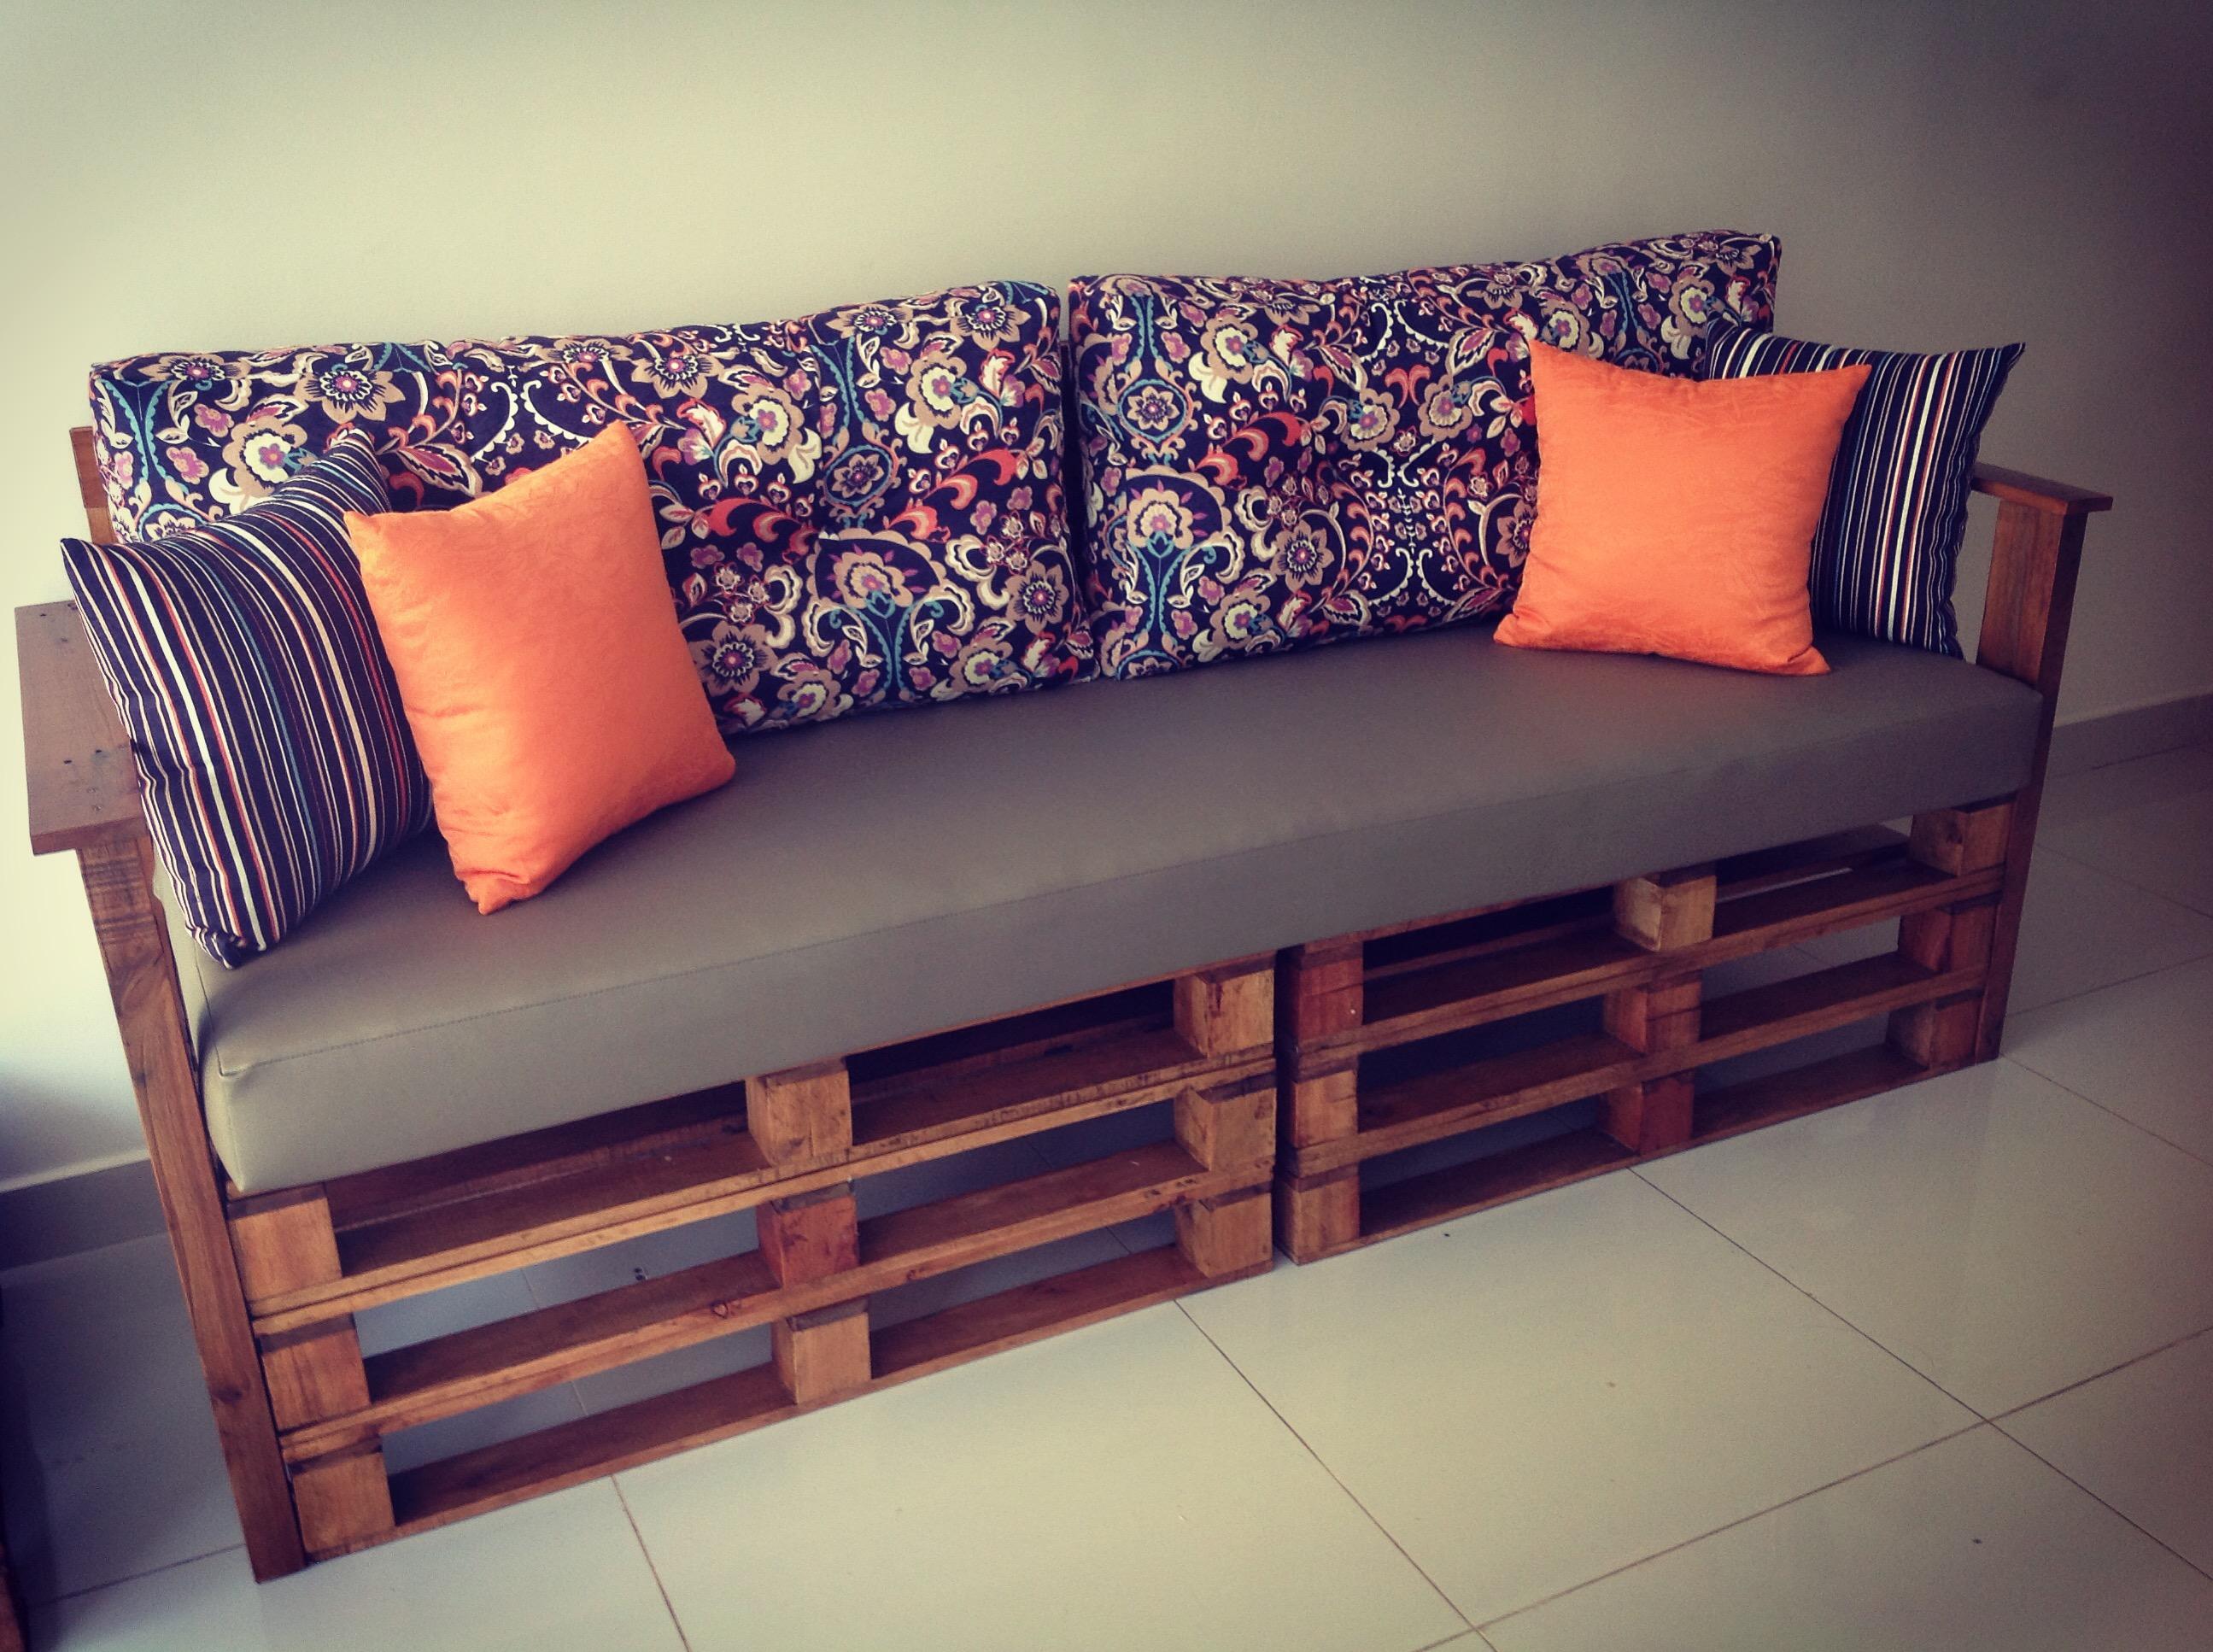 Sof225 de Palete SCDecora231227o Elo7 : sofa de palete ribeiraopreto from www.elo7.com.br size 2591 x 1934 jpeg 1180kB